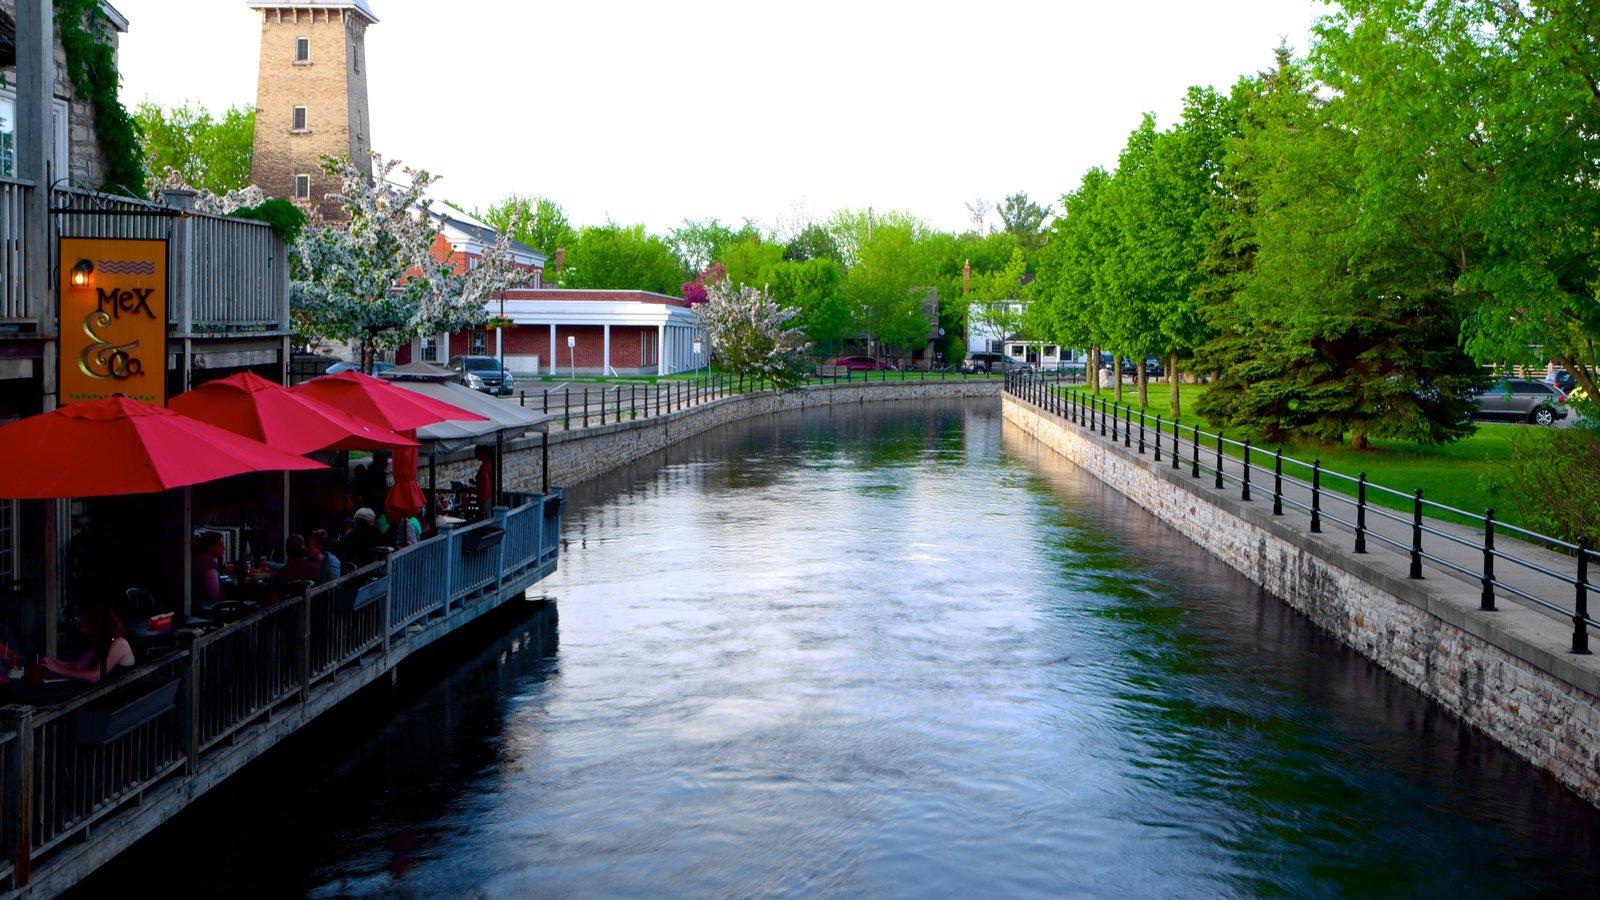 Perth que inclui um rio ou córrego